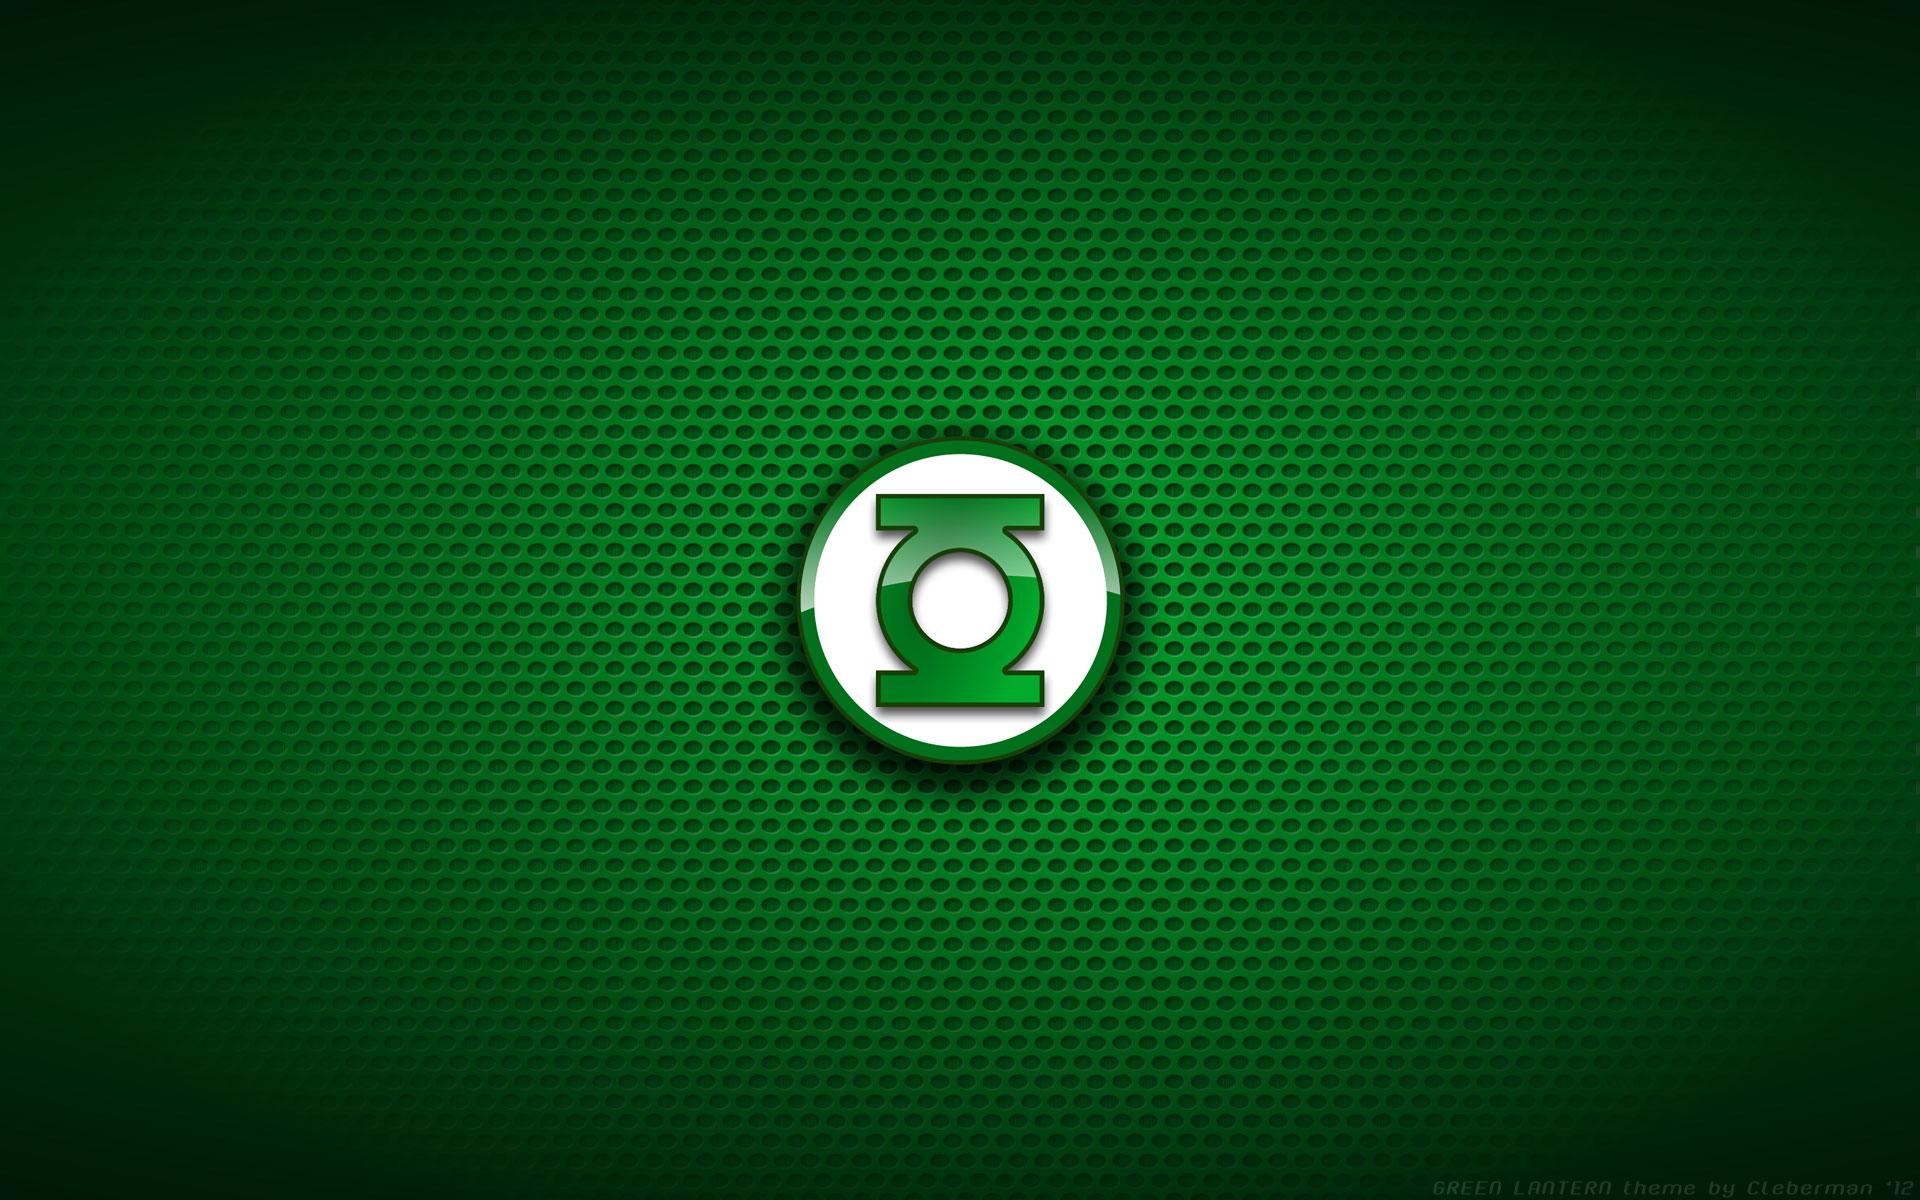 Free Lantern Wallpaper 23547 2560x1600 px